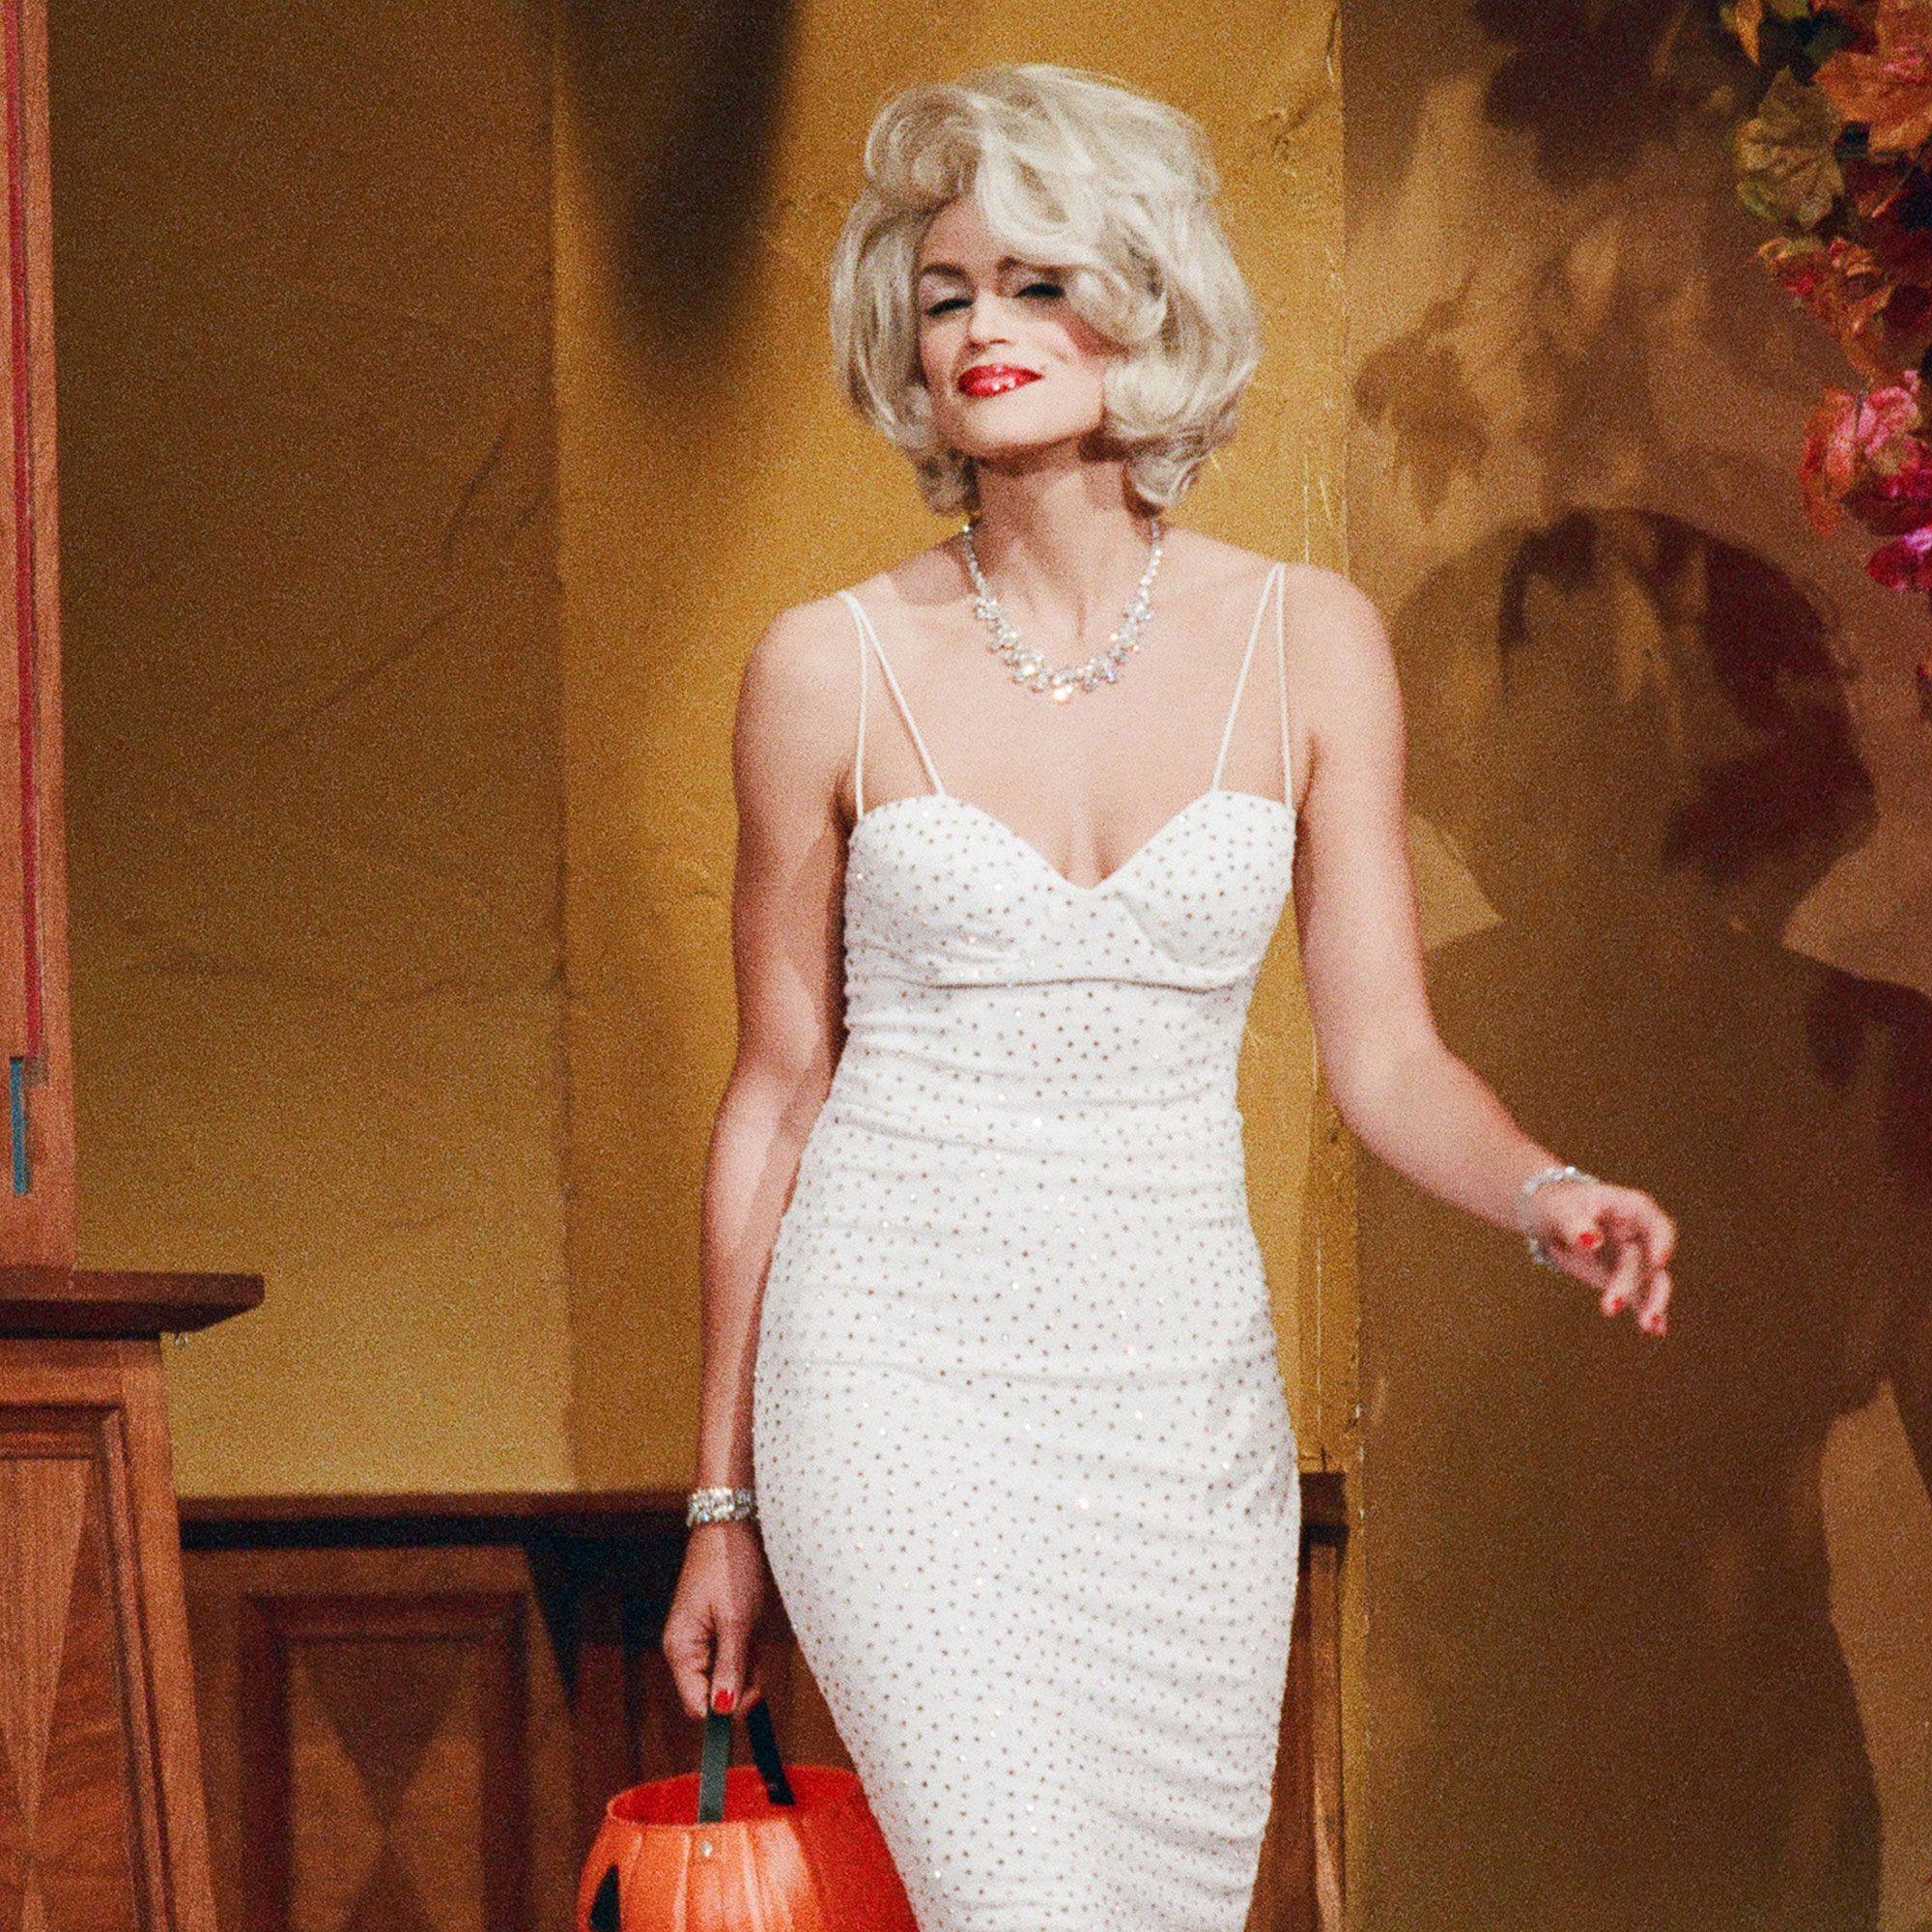 <p>1996, Cindy Crawford as Marilyn Monroe</p>